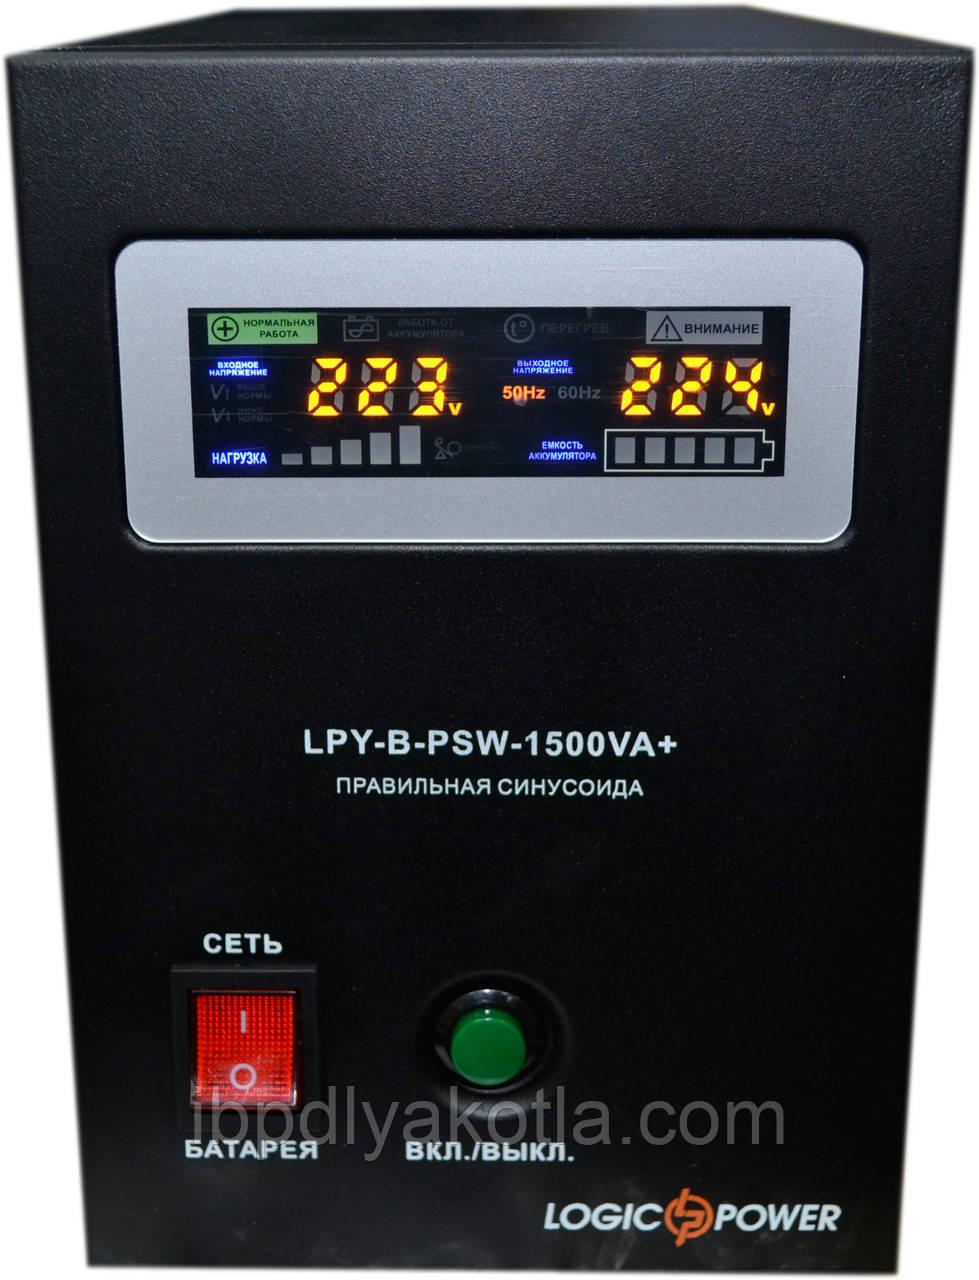 Logicpower LPY-B-PSW-1500+